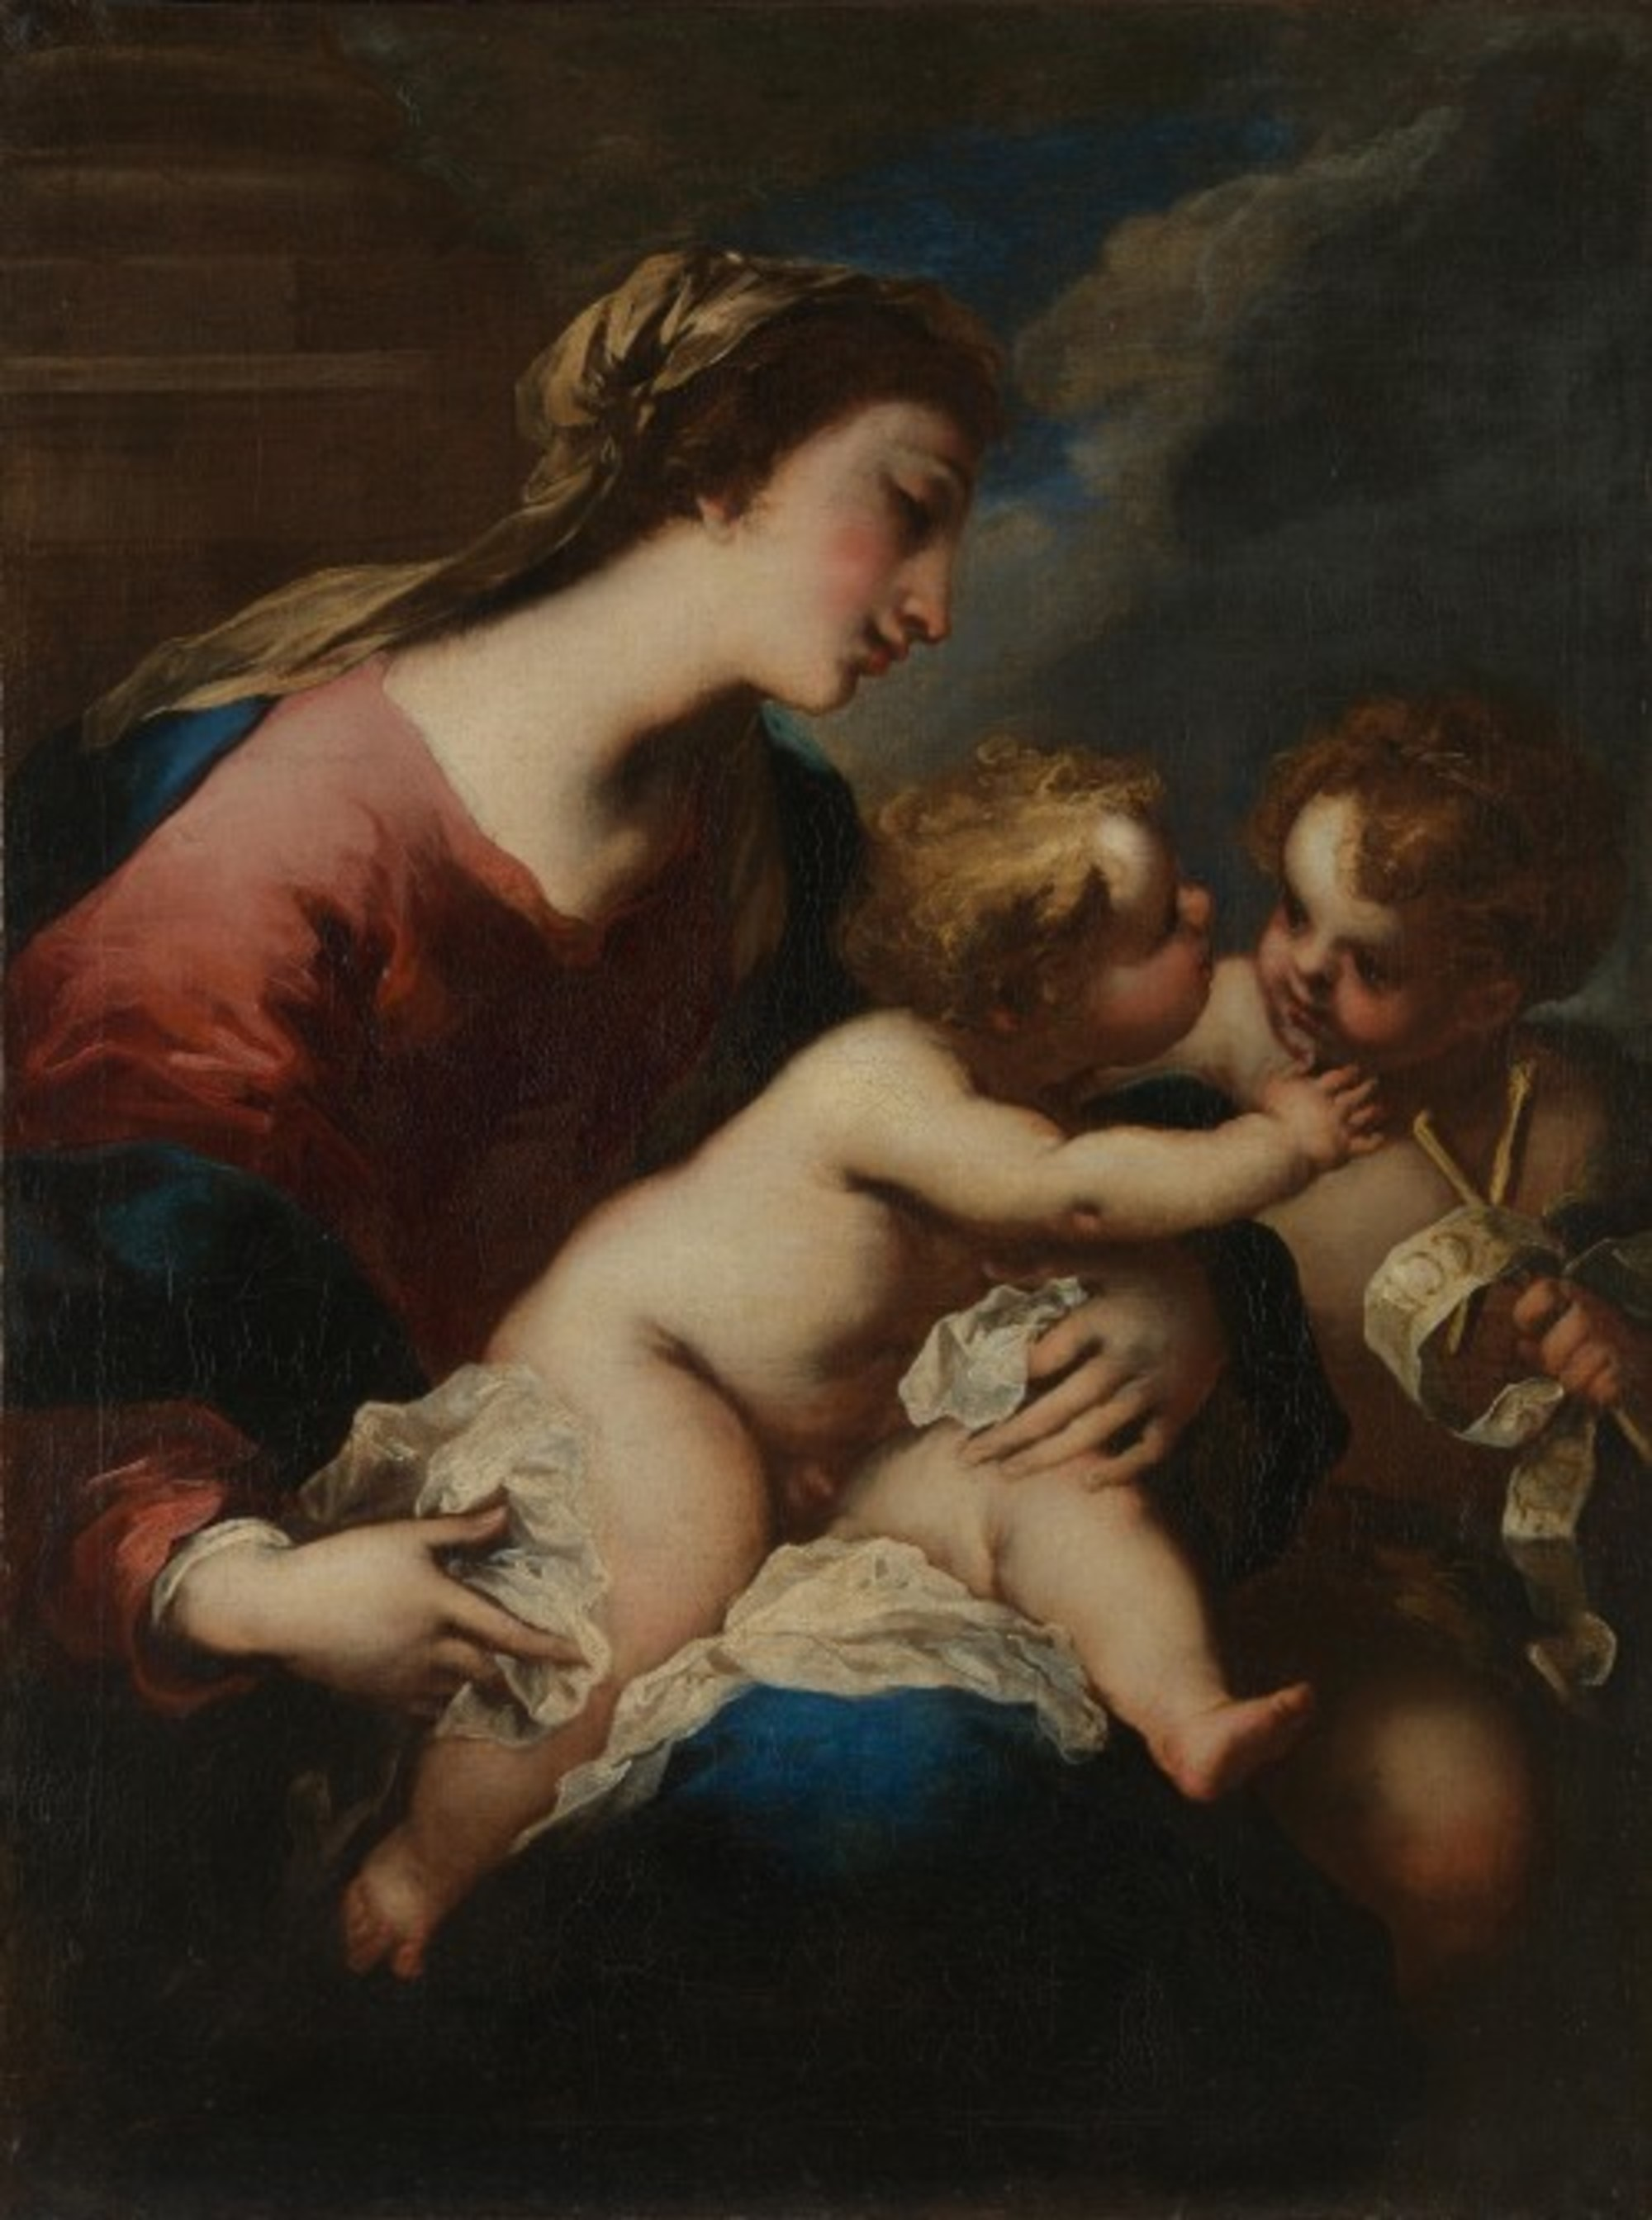 Valerio-Castello---The-Virgin-and-Child-with-Saint-John-the-Baptist.jpg